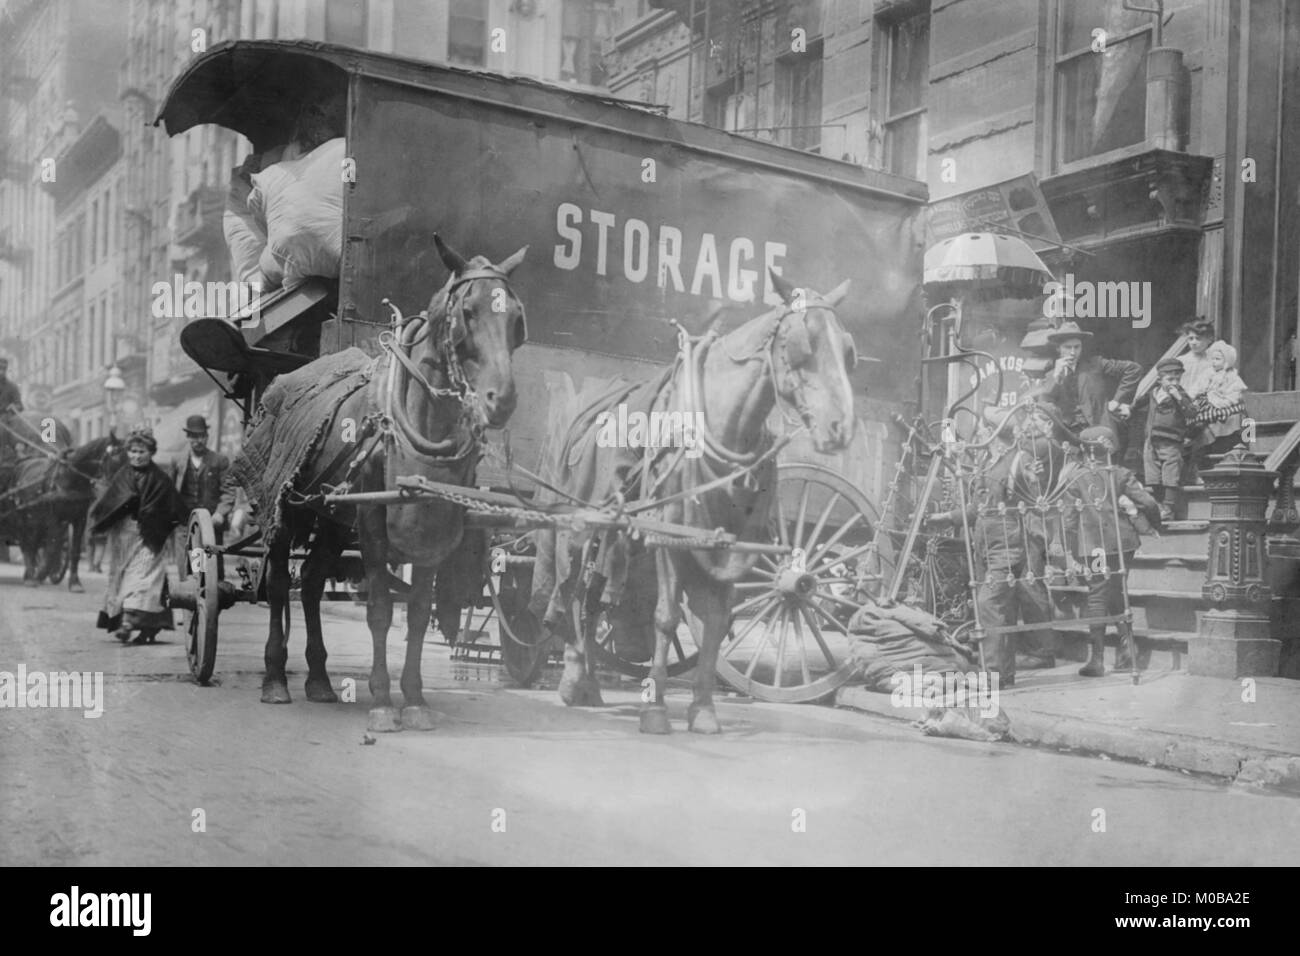 Cavallo e carro con segno dicendo storage scaricare il contenuto della home di una famiglia di essere sfrattati Immagini Stock